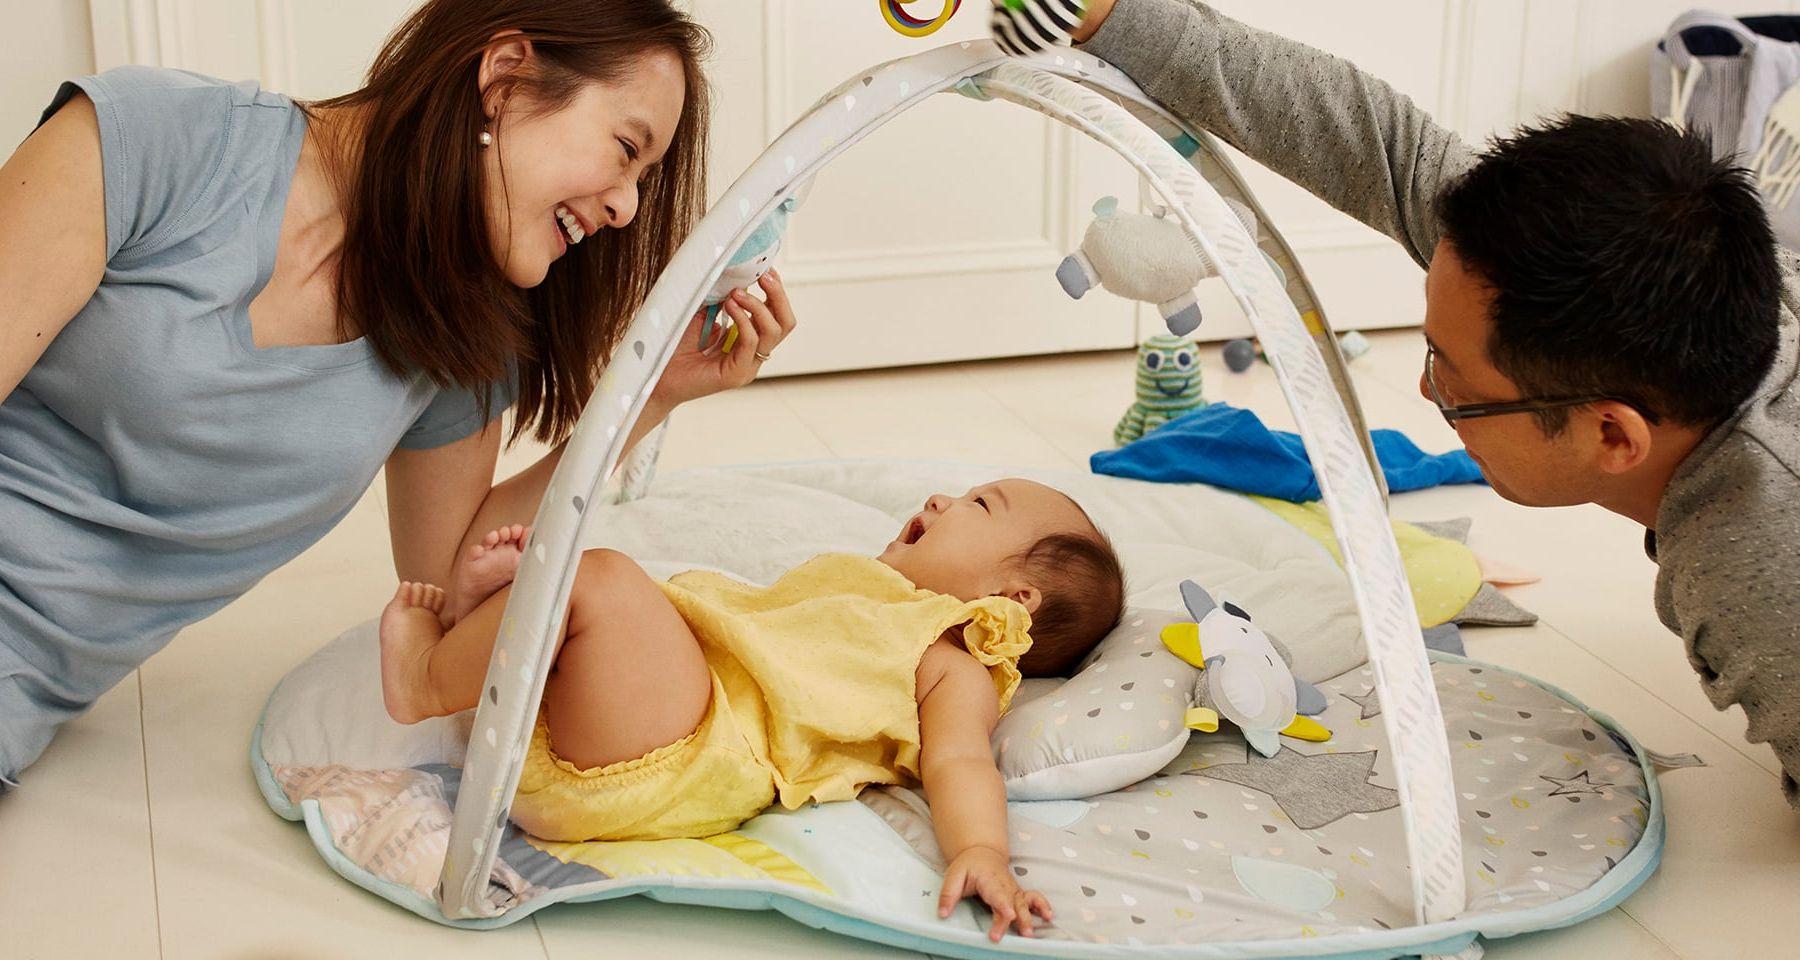 Bố mẹ đã vệ sinh phòng ngủ cho bé đúng cách chưa?